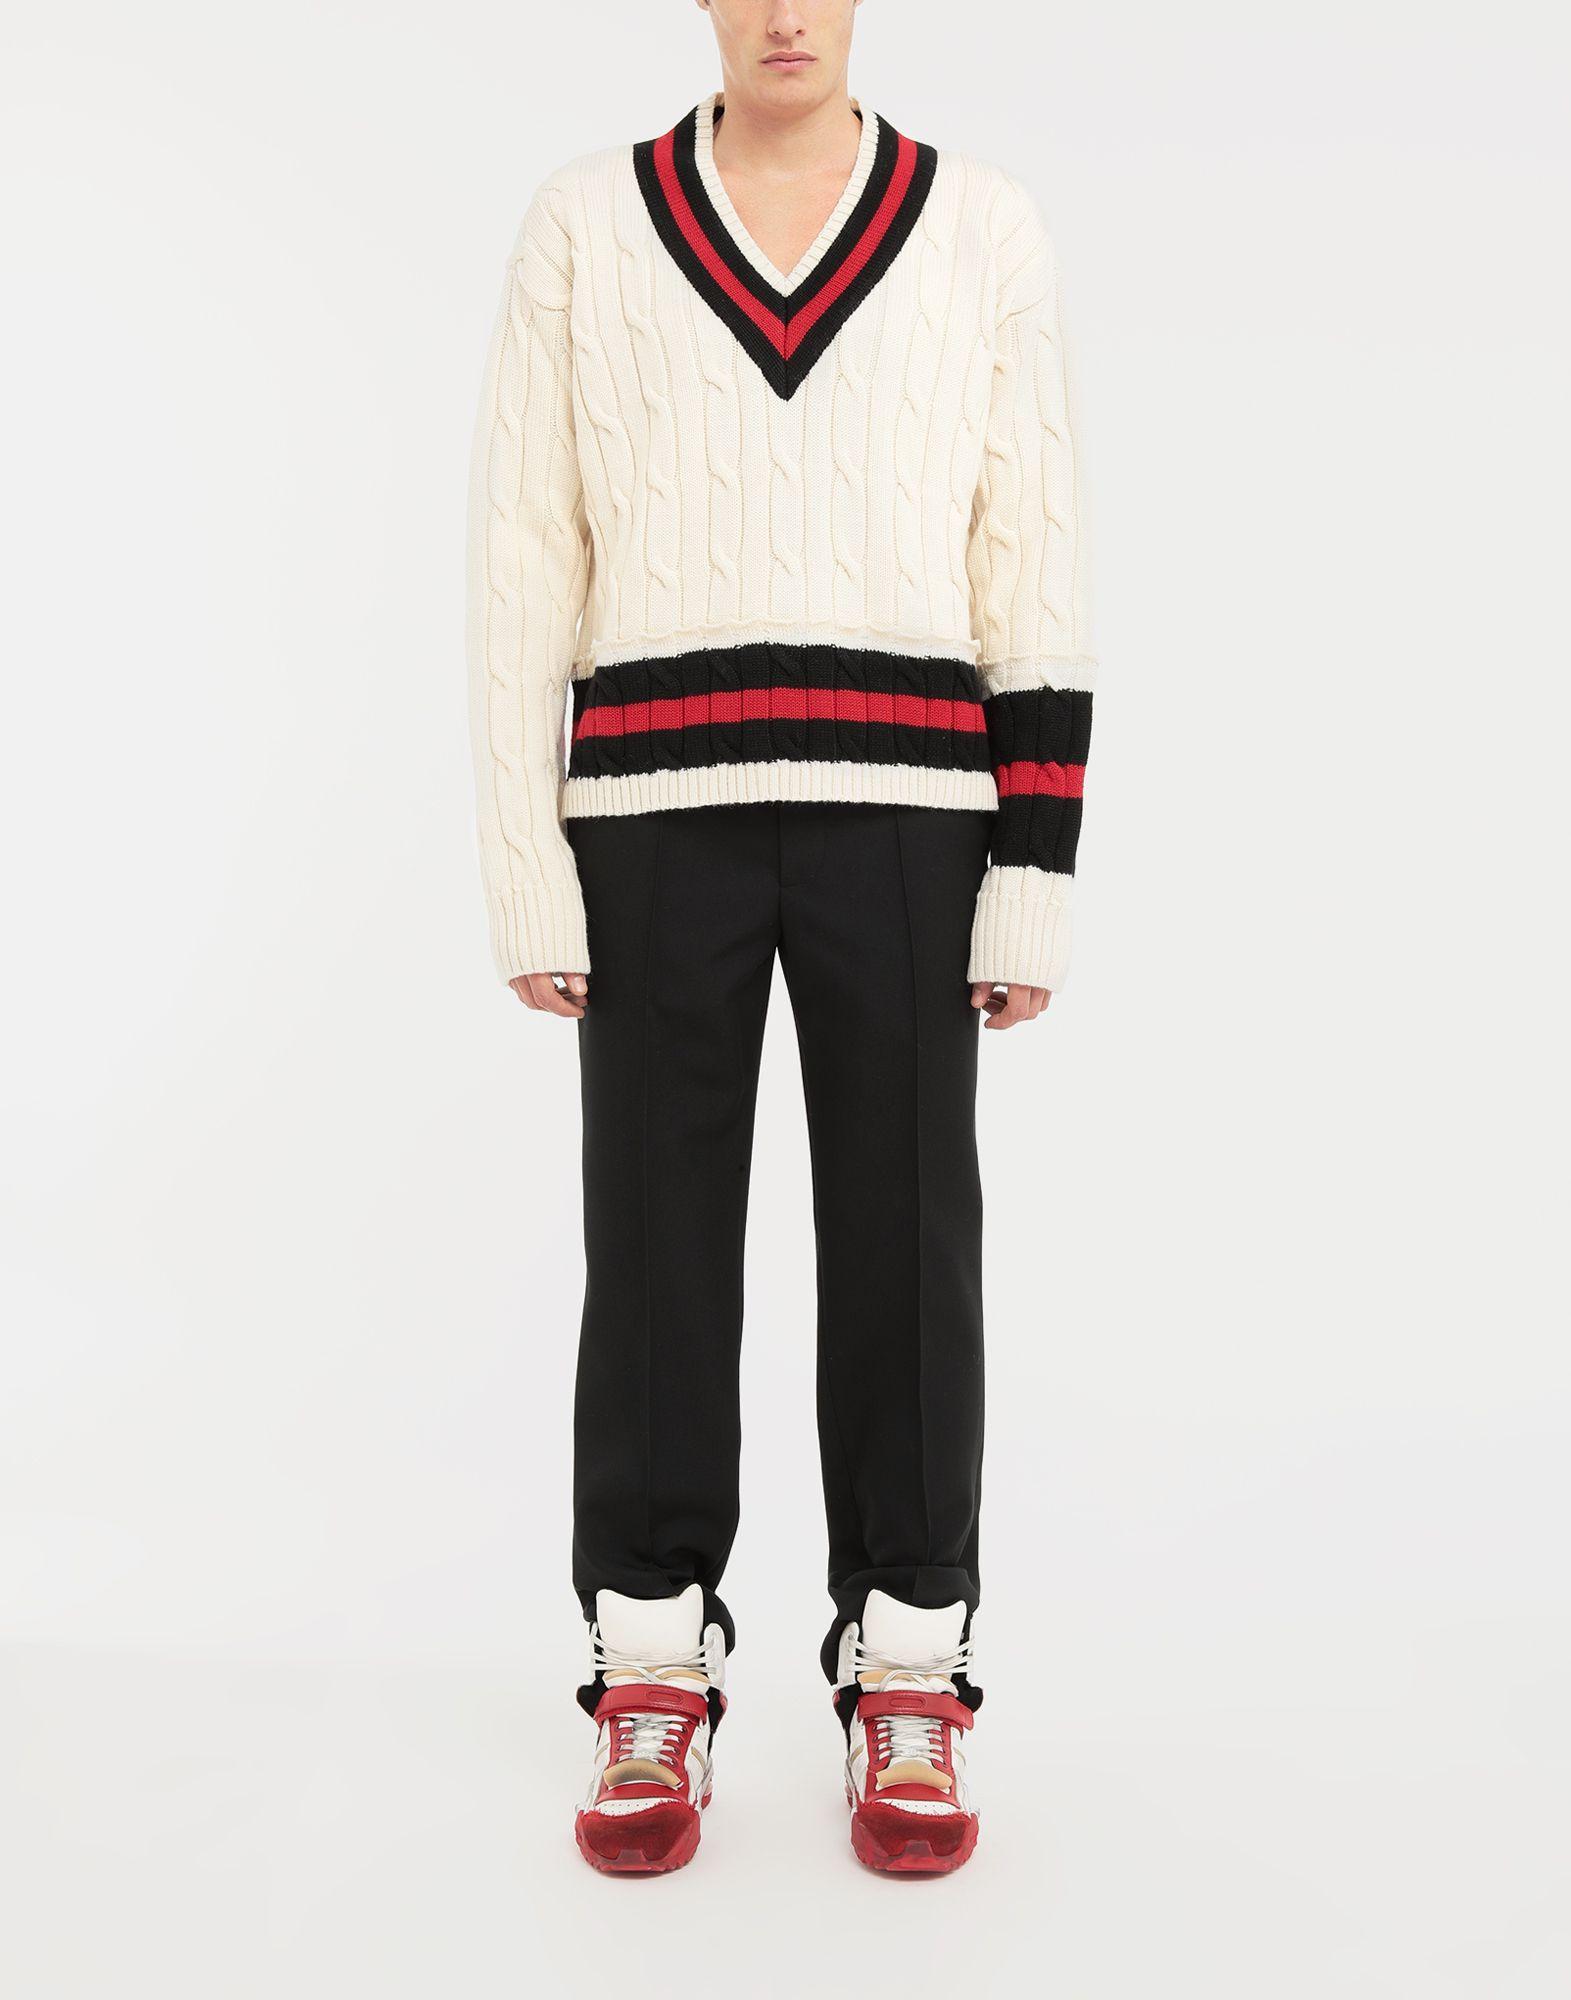 MAISON MARGIELA Oversized Décortiqué wool knit pullover V-neck Man d